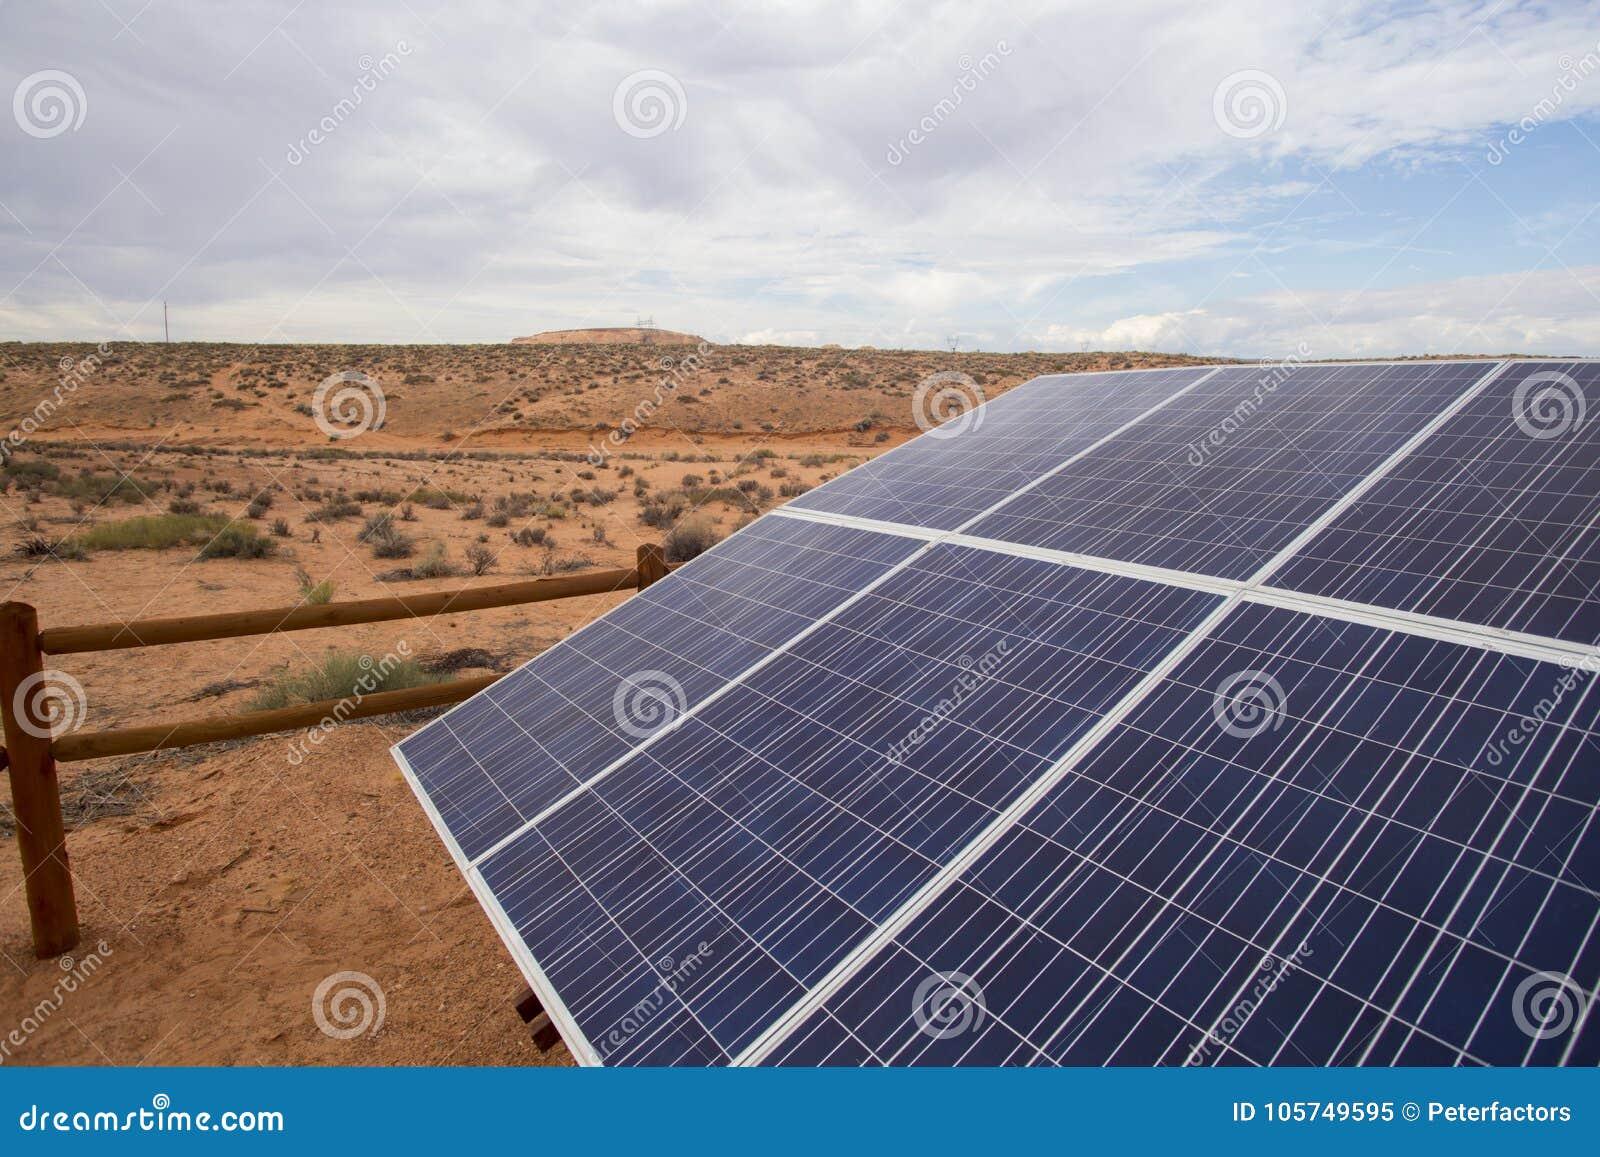 Los paneles solares en área remota